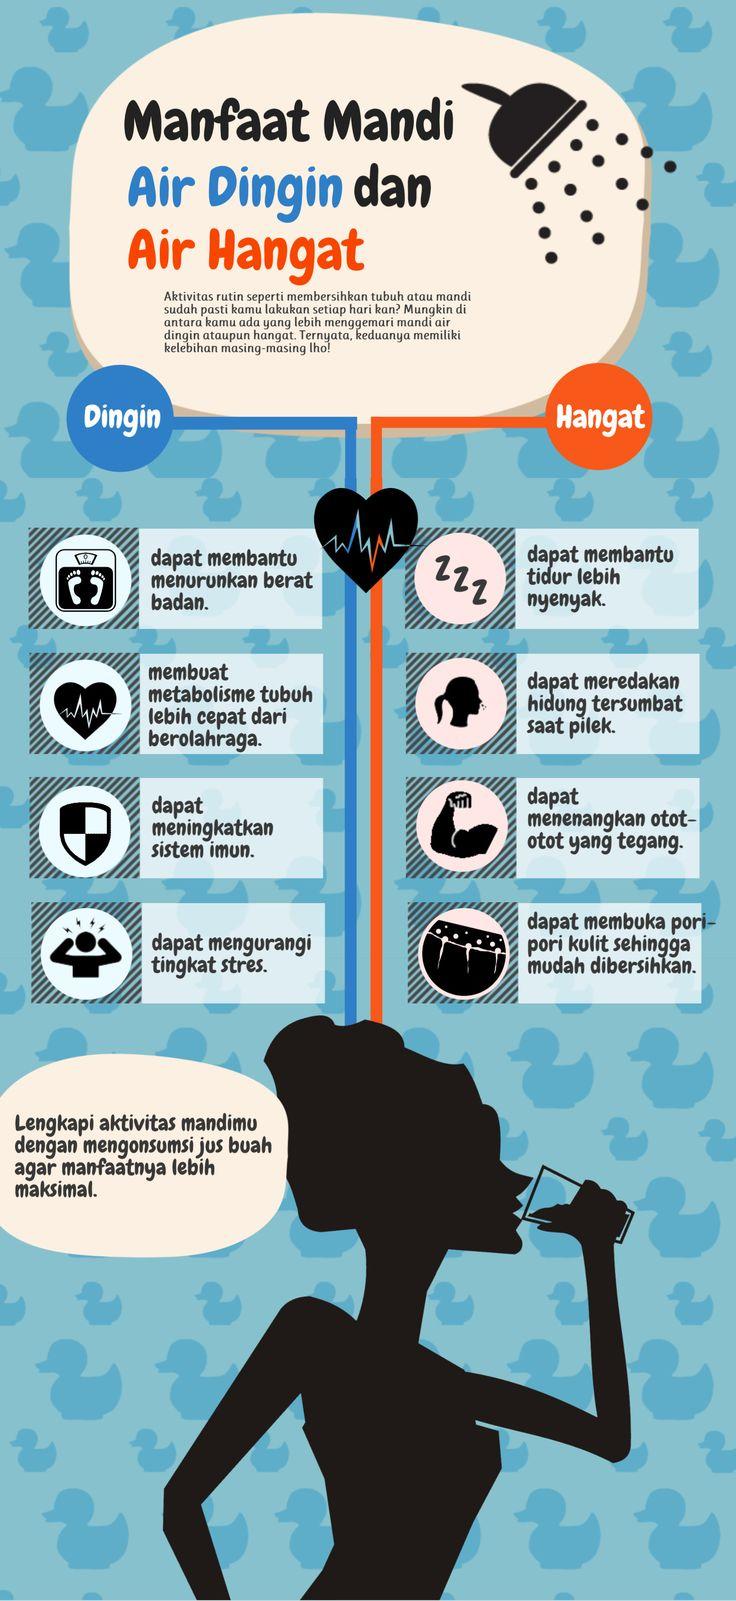 Infographic manfaat mandi dengan air dingin dan air hangat. Sumber article : http://www.buavita.co.id/article/detail/Menjaga-Kesehatan-Tubuh-dan-Mental-dengan-Bernyanyi